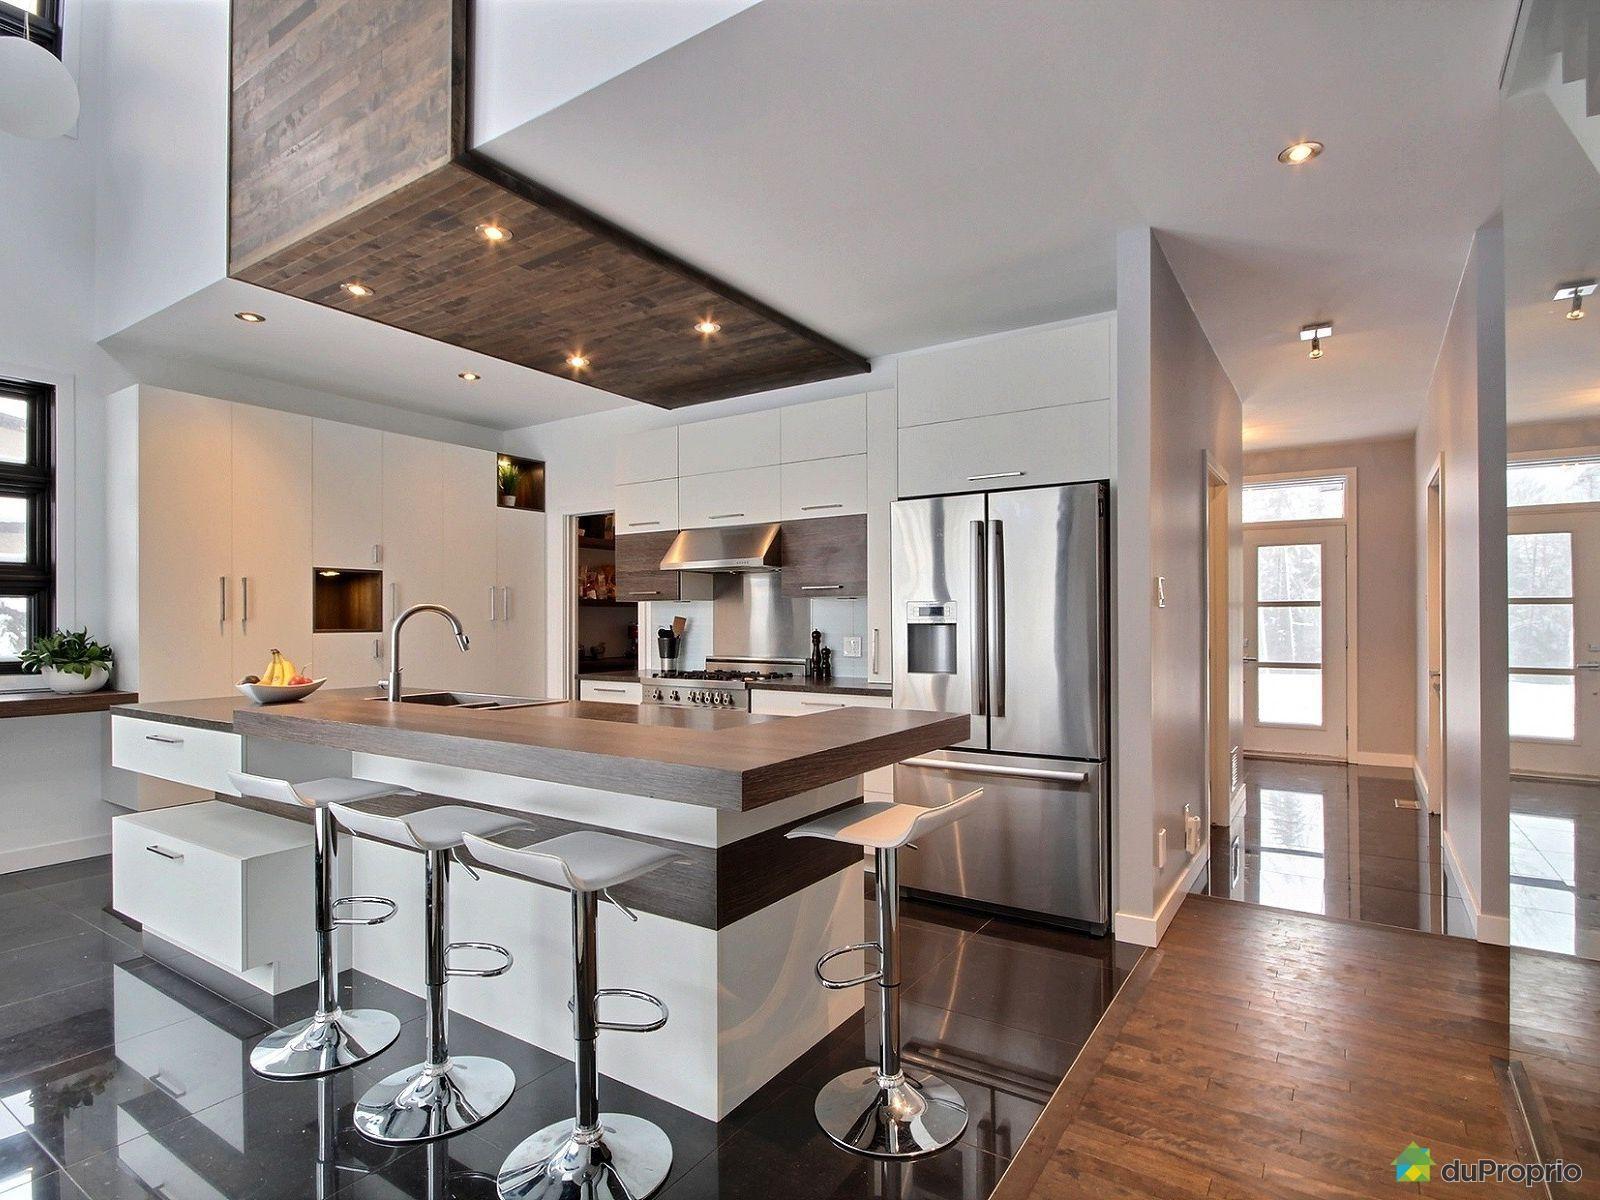 Quelle belle cuisine contemporaine magnifique ce plafond en bois rustique avec ces armoires - Belles cuisines contemporaines ...